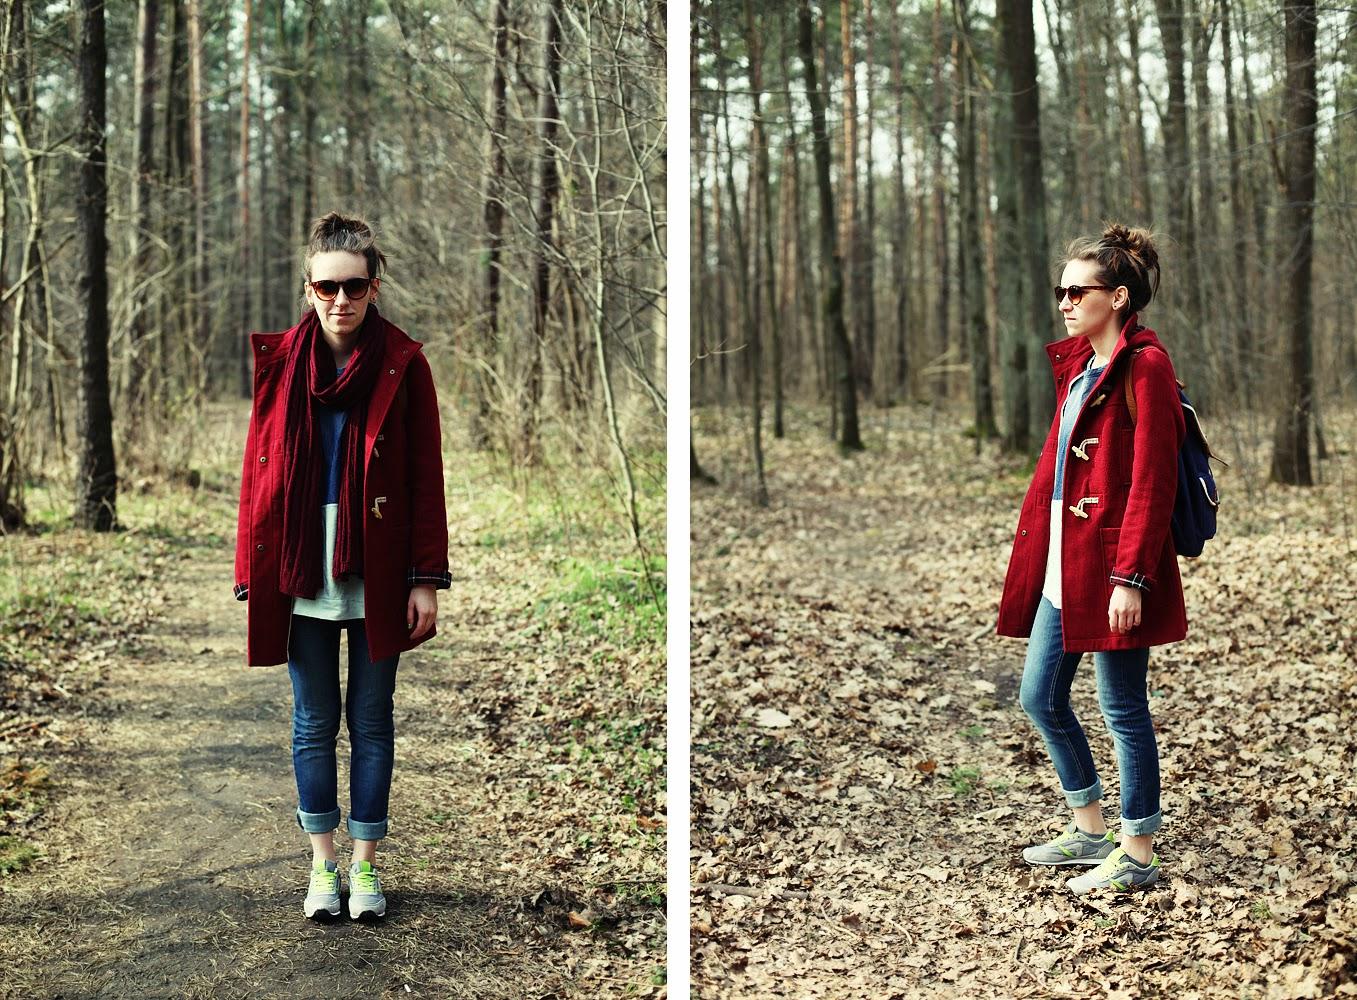 dzien wiosny stylizacja blog fashion moniusza outfit of the day ootd